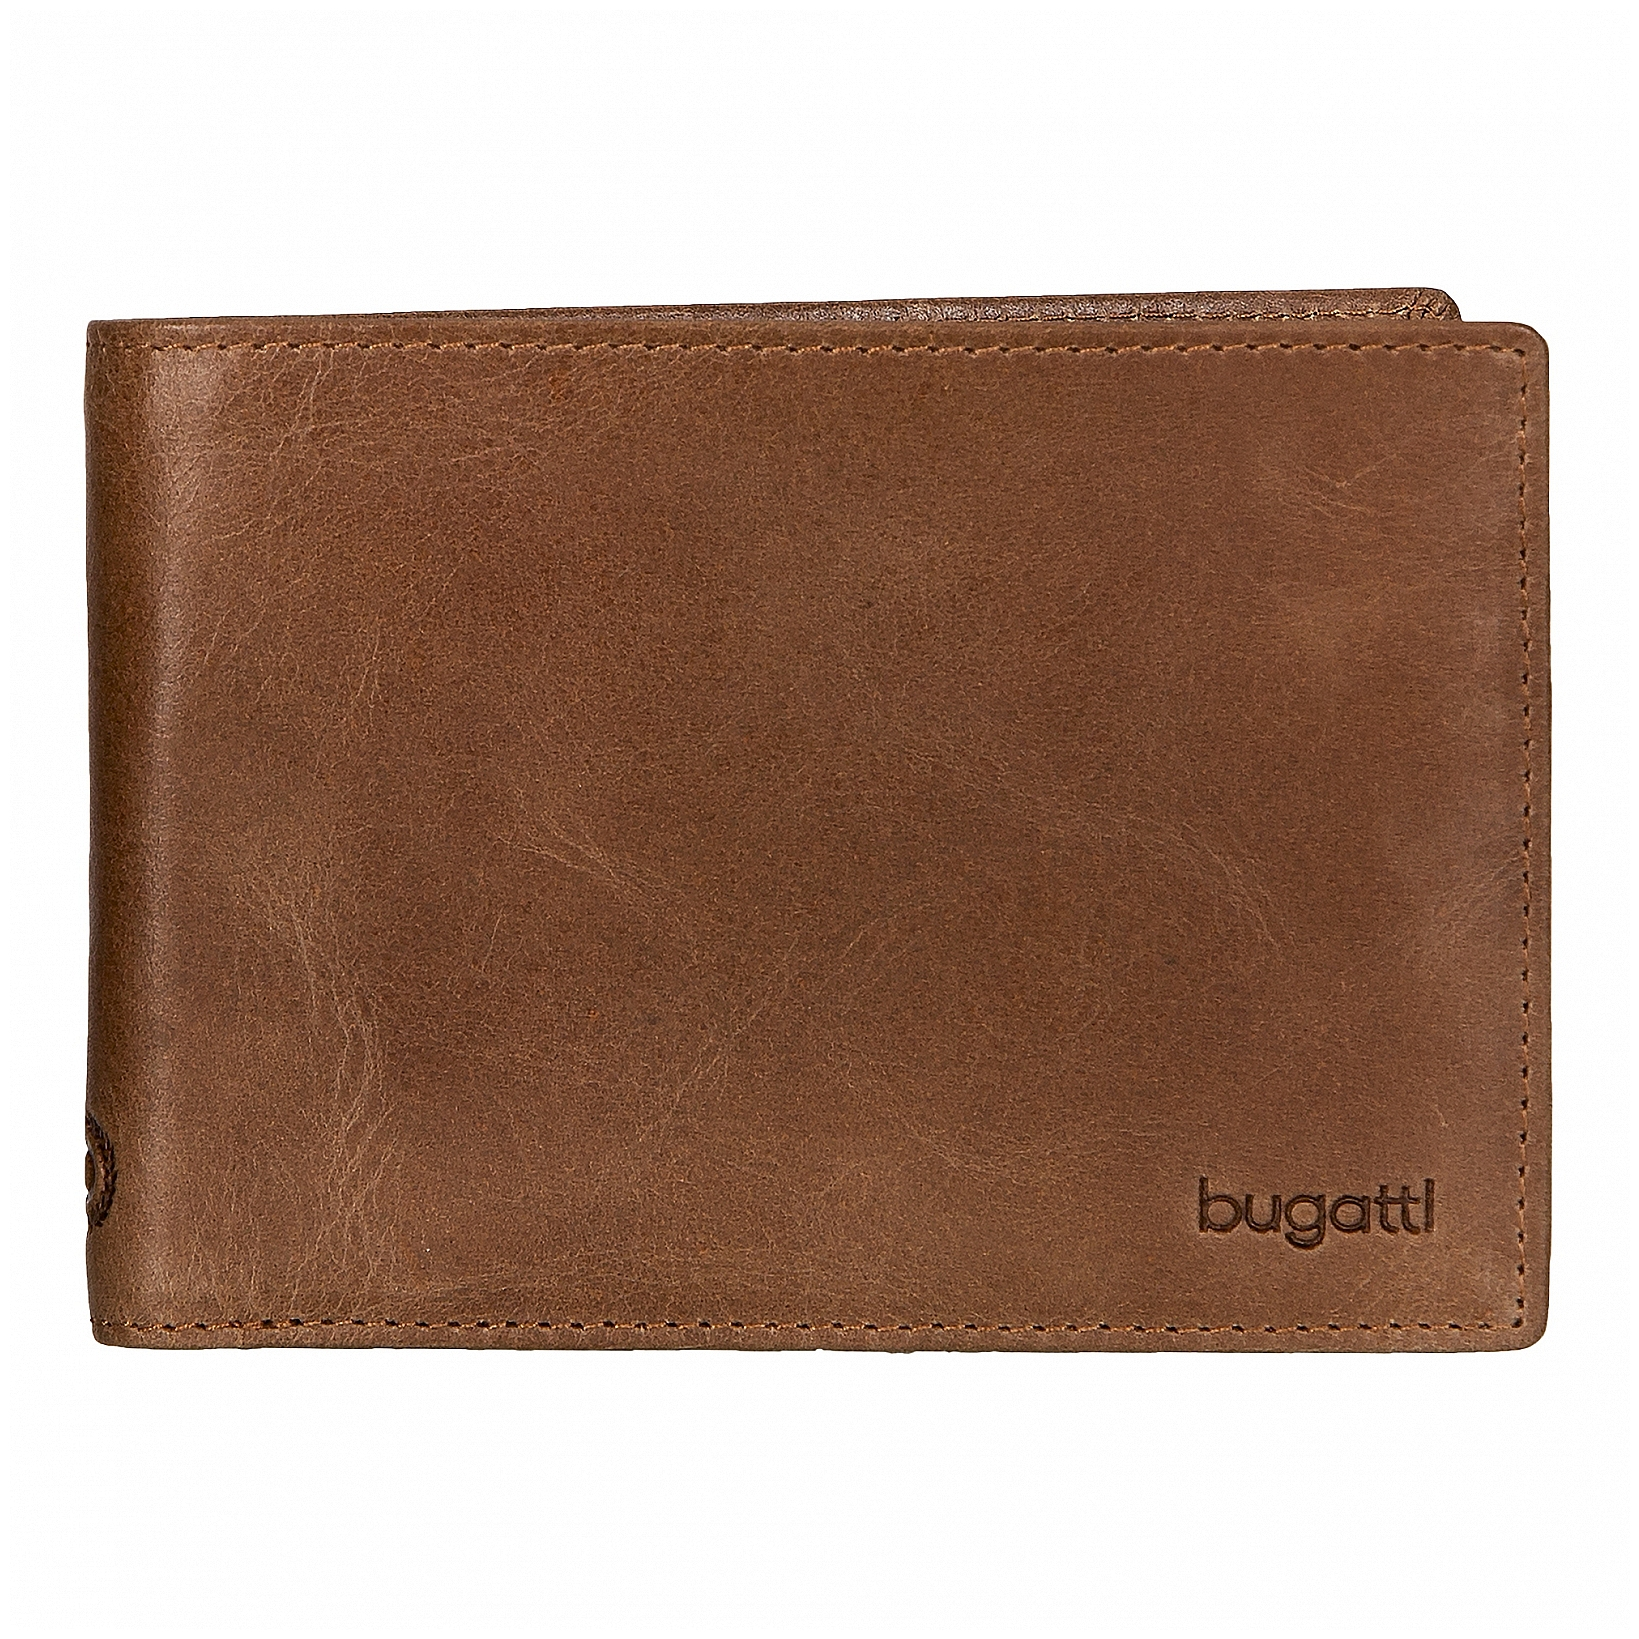 Bugatti Pánská kožená peněženka VOLO 49217607 koňak